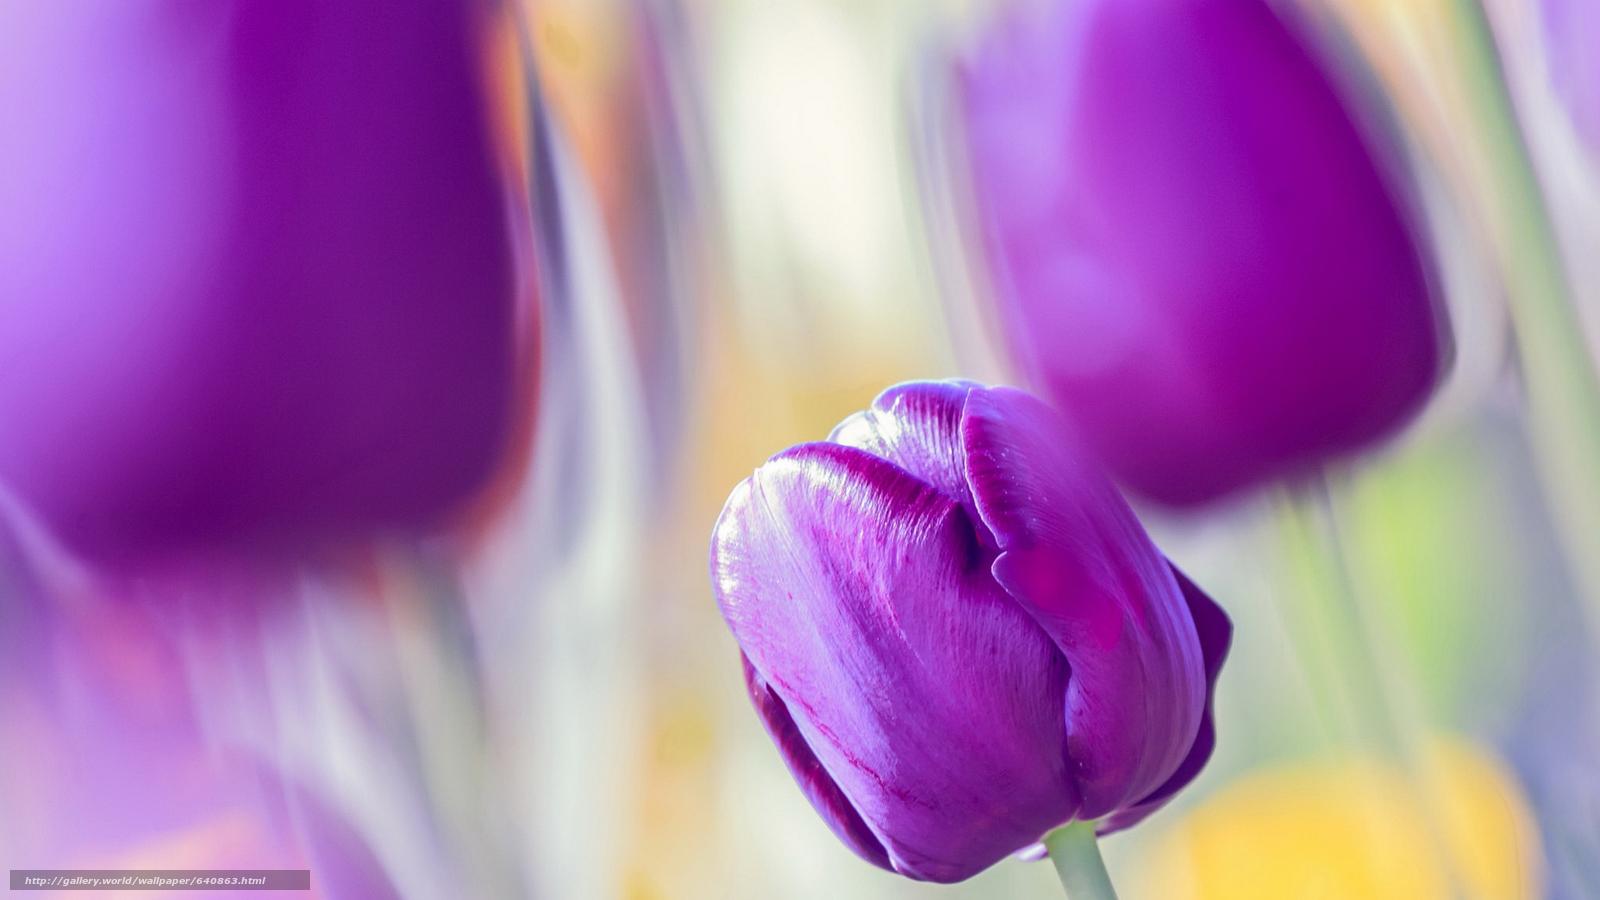 Скачать обои тюльпан,  тюльпаны,  цветы,  цветок бесплатно для рабочего стола в разрешении 2048x1152 — картинка №640863